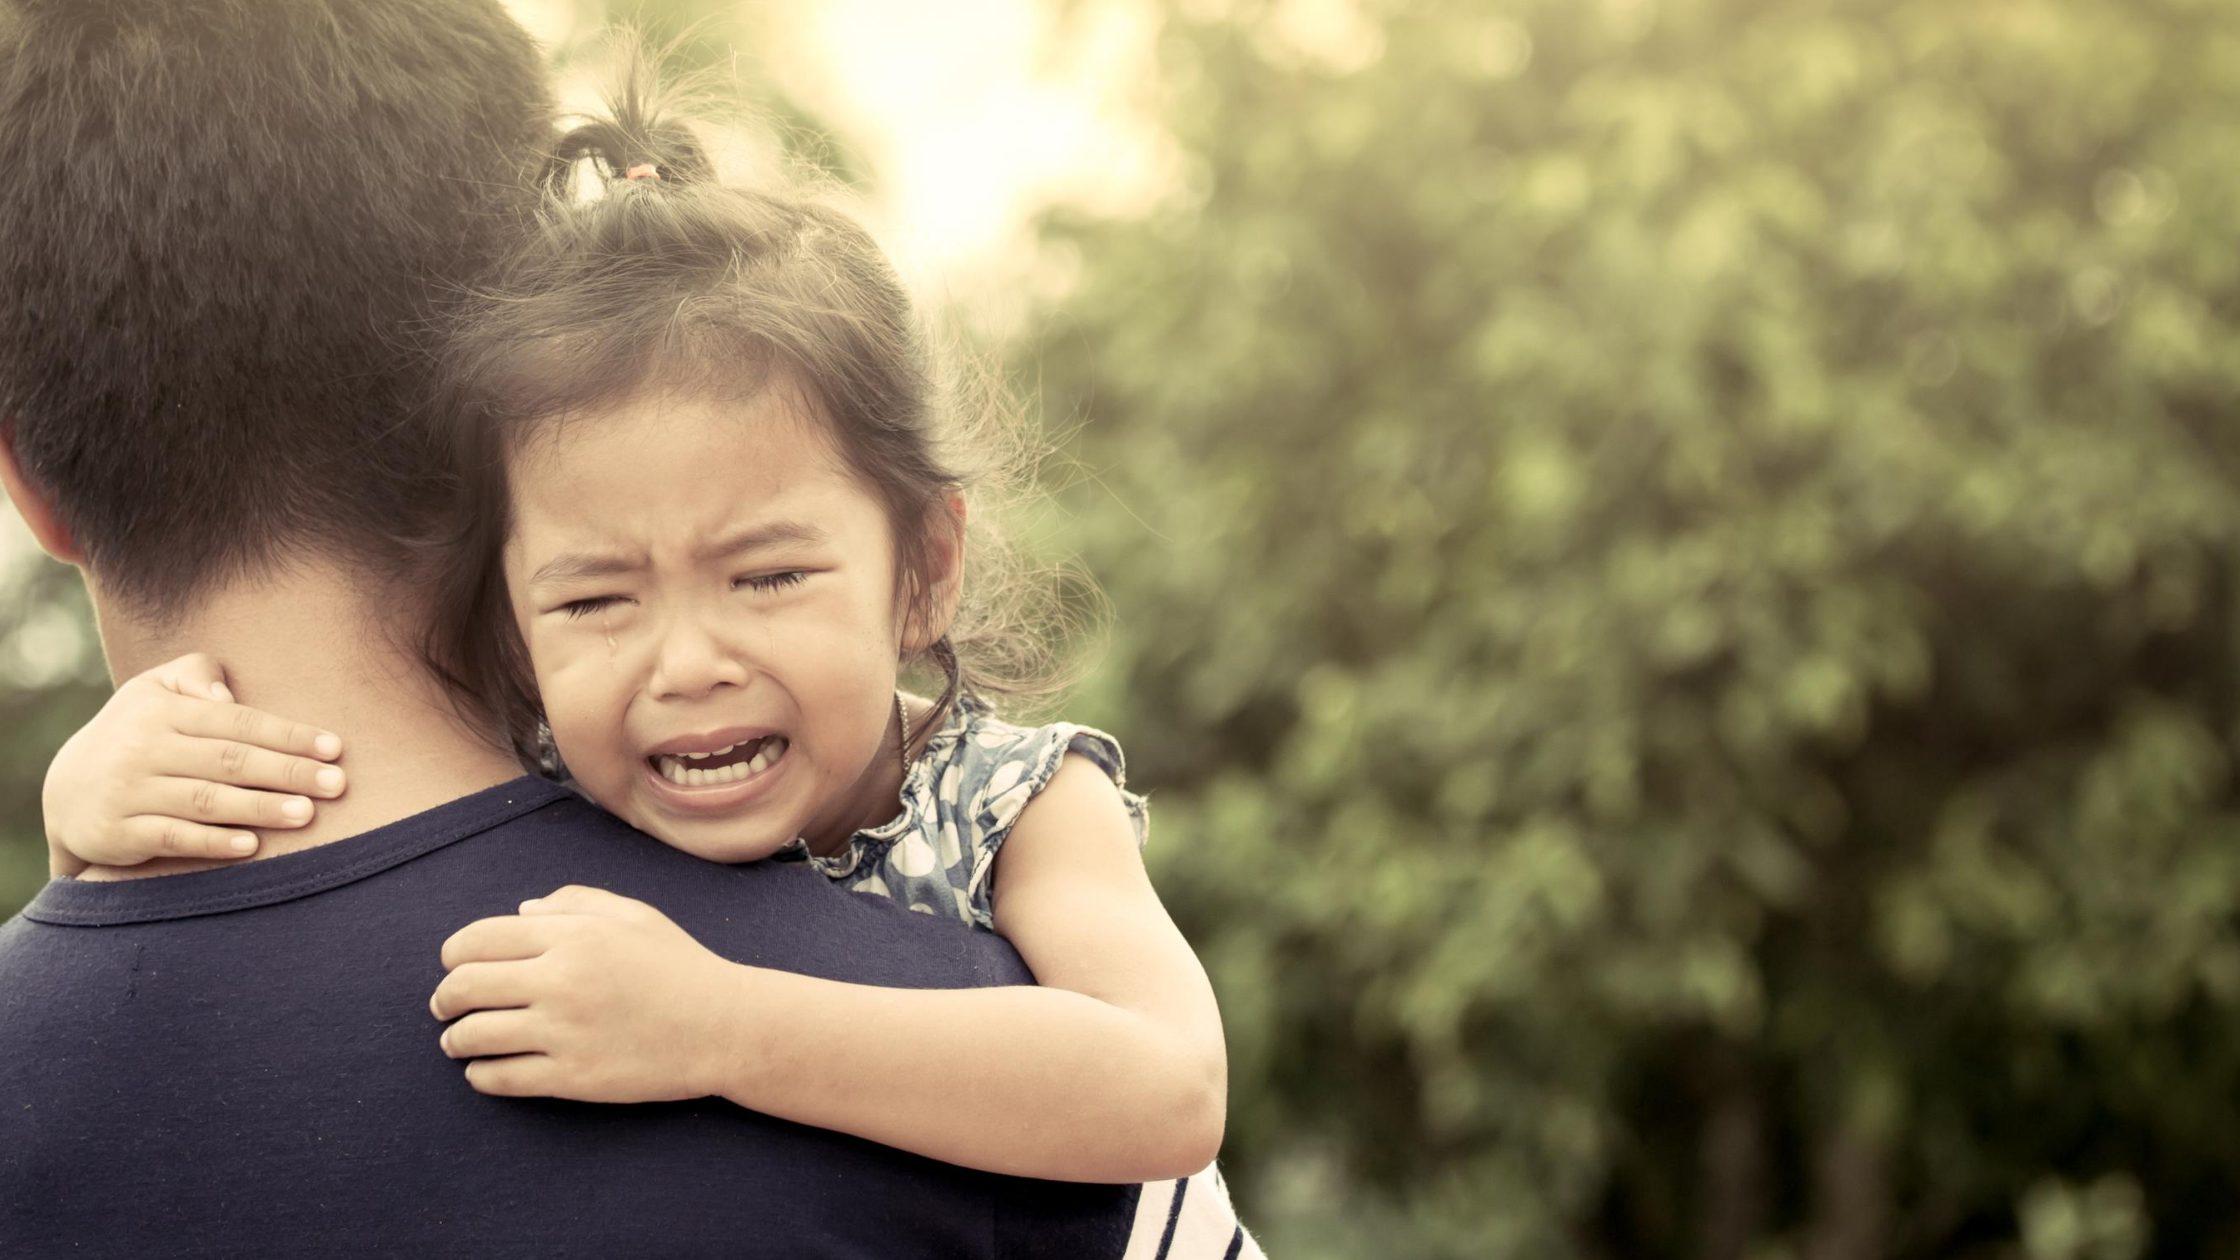 """""""Eu não consigo me controlar"""". Educação emocional e espiritual para as crianças"""